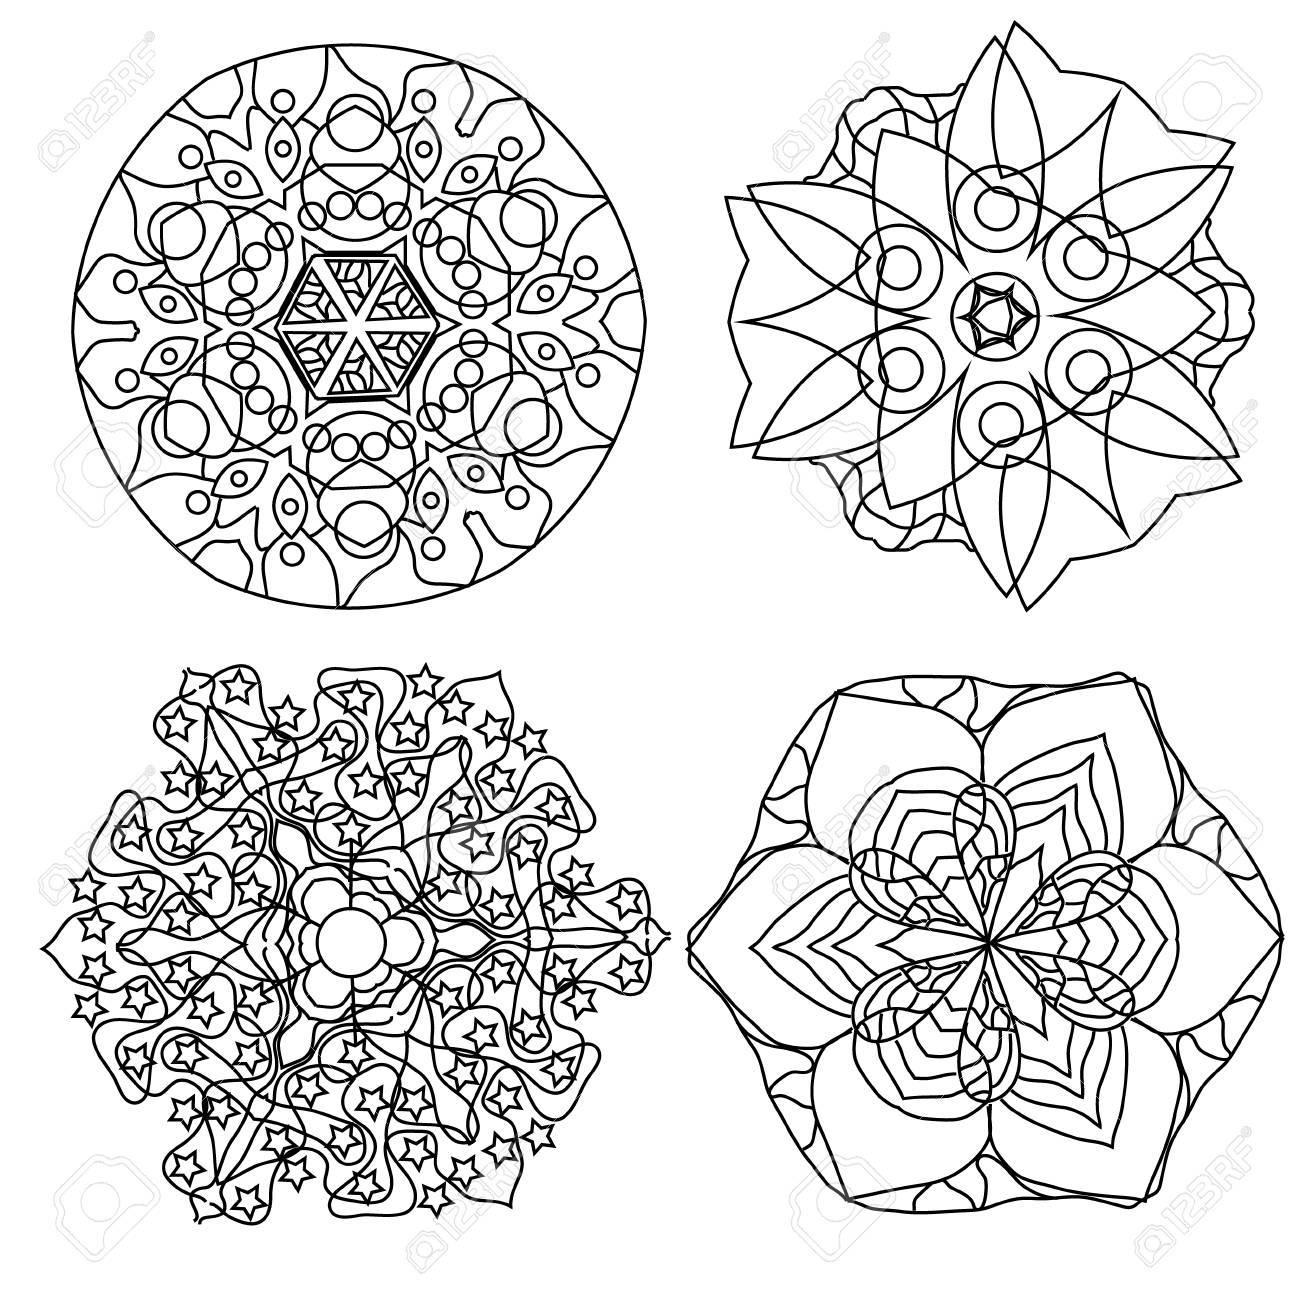 Vettoriale Rilassante Colorare Mandala Con Vettore O Fantasia